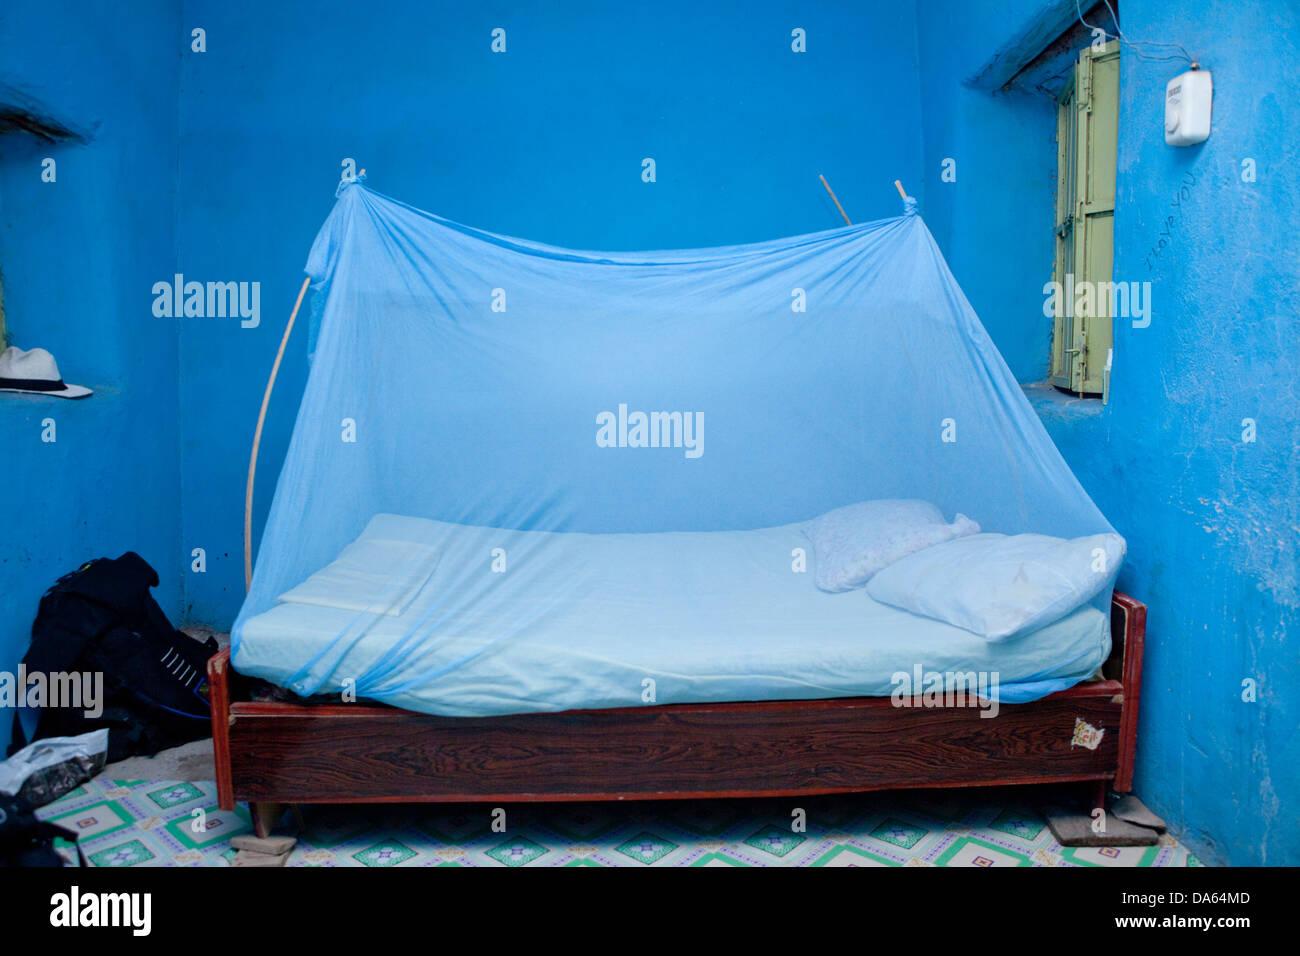 Hotel asaita africa letto zanzariera zanzariera - Zanzariera da letto ...